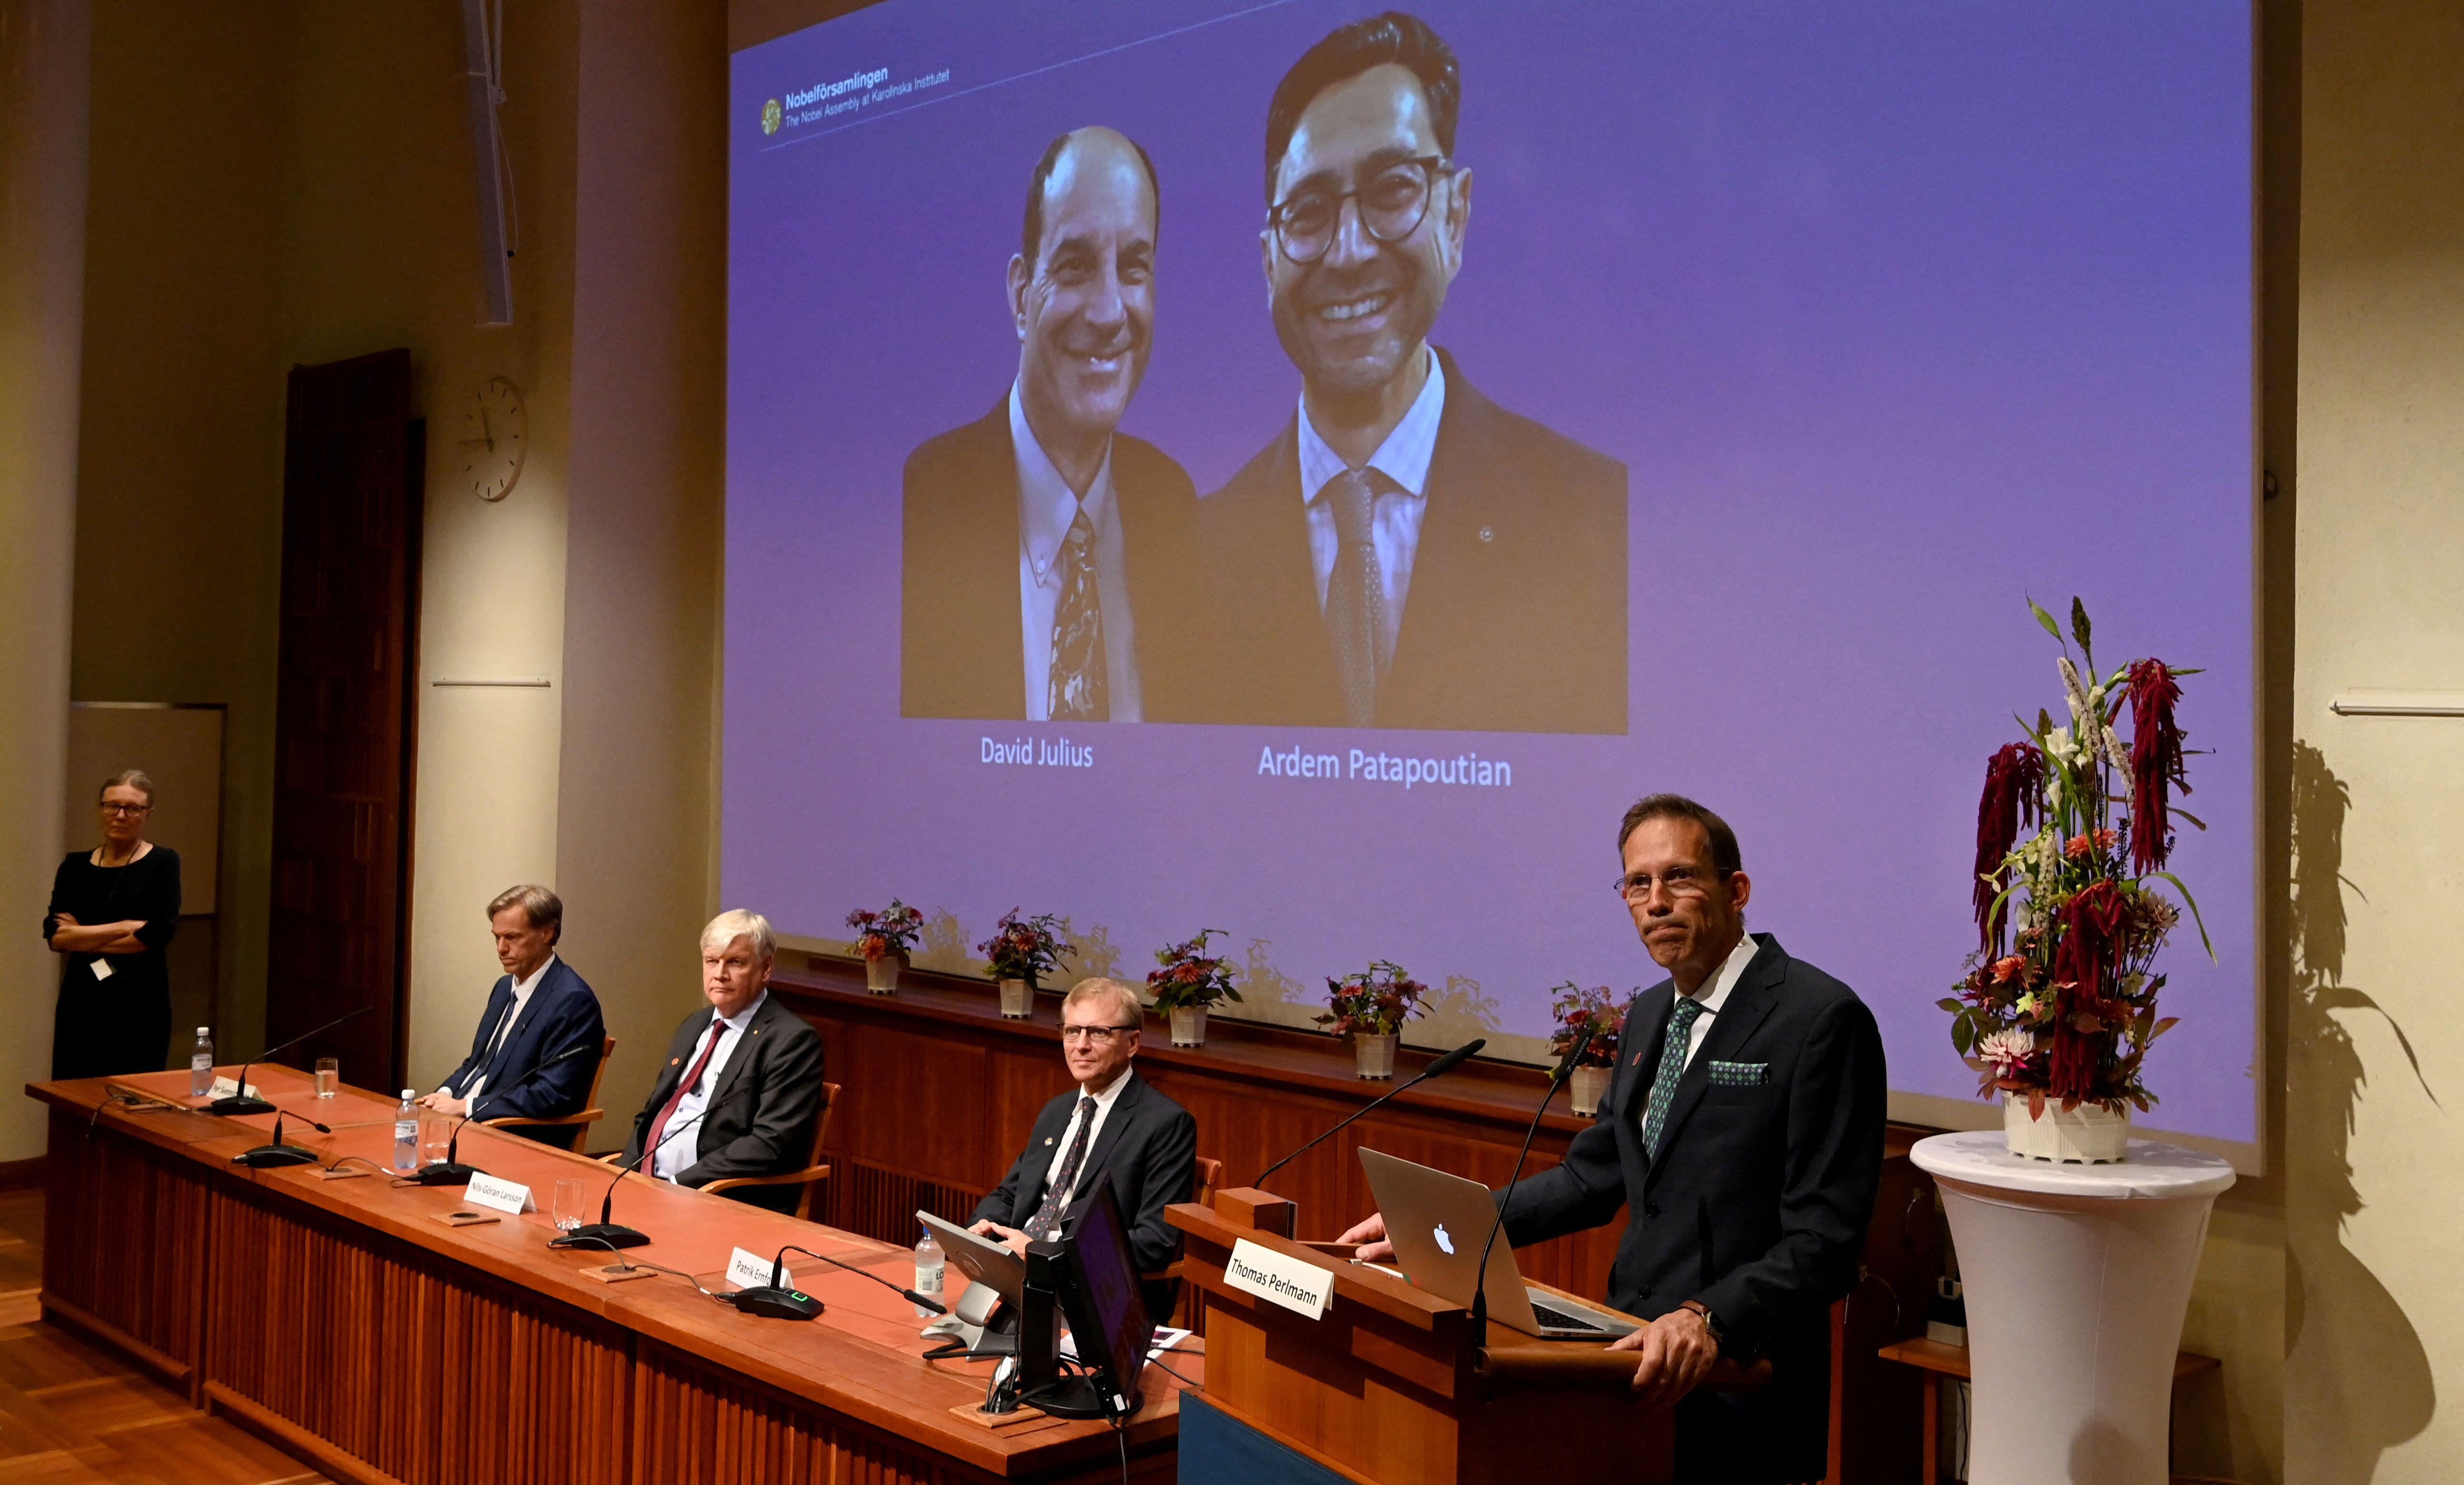 """Premio Nobel de Medicina para David Julius y Ardem Patapoutian por """"los receptores de la temperatura y el tacto"""""""